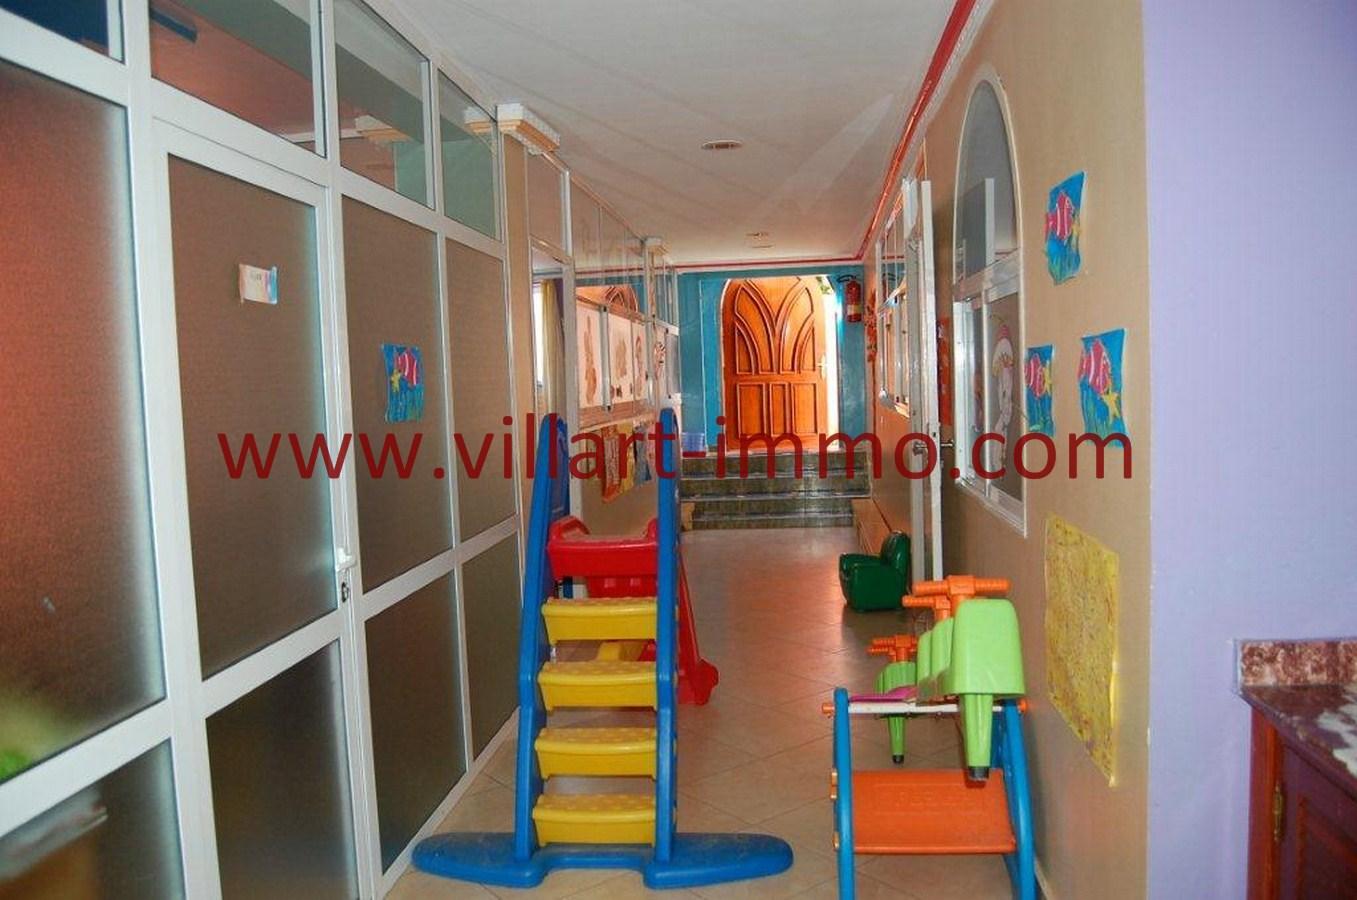 2-Vente-Villa-Tanger-Mojahidin-Salon 2-VV512-Villart Immo